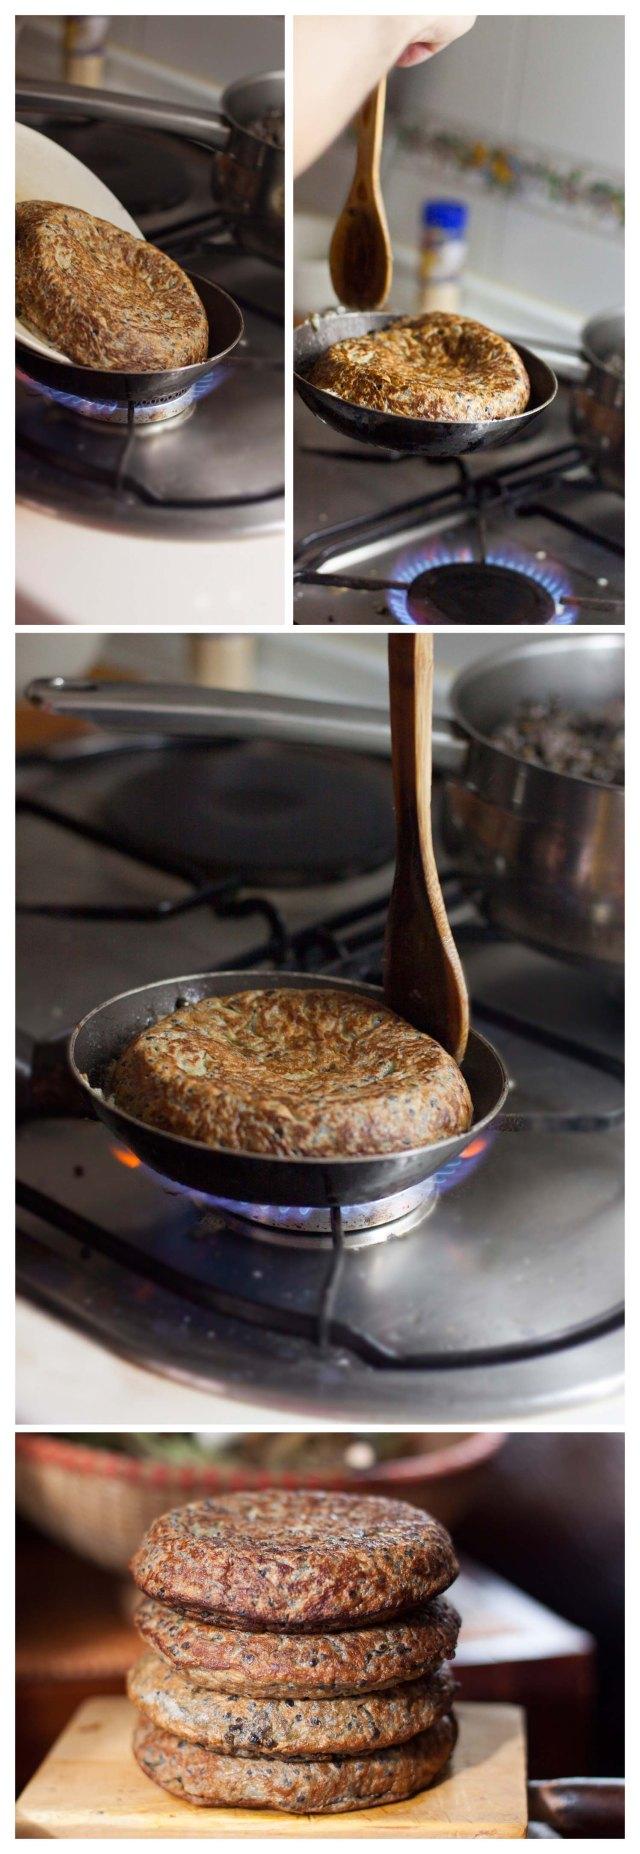 Terminando la tortilla